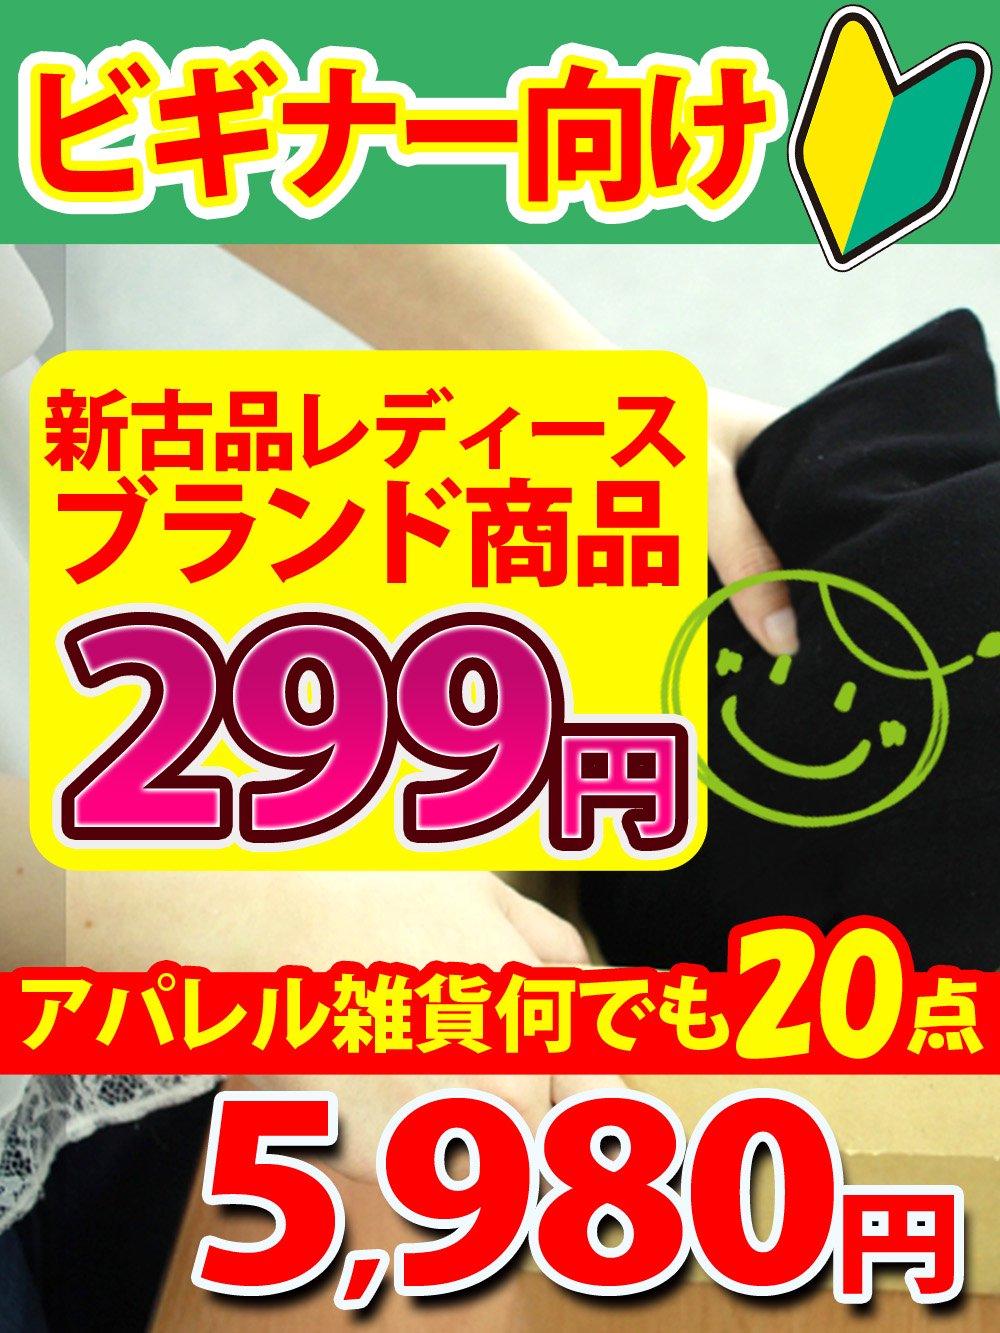 【ビキナーズ向け】新古品レディースブランド商品アパレル雑貨何でもオールシーズン@299